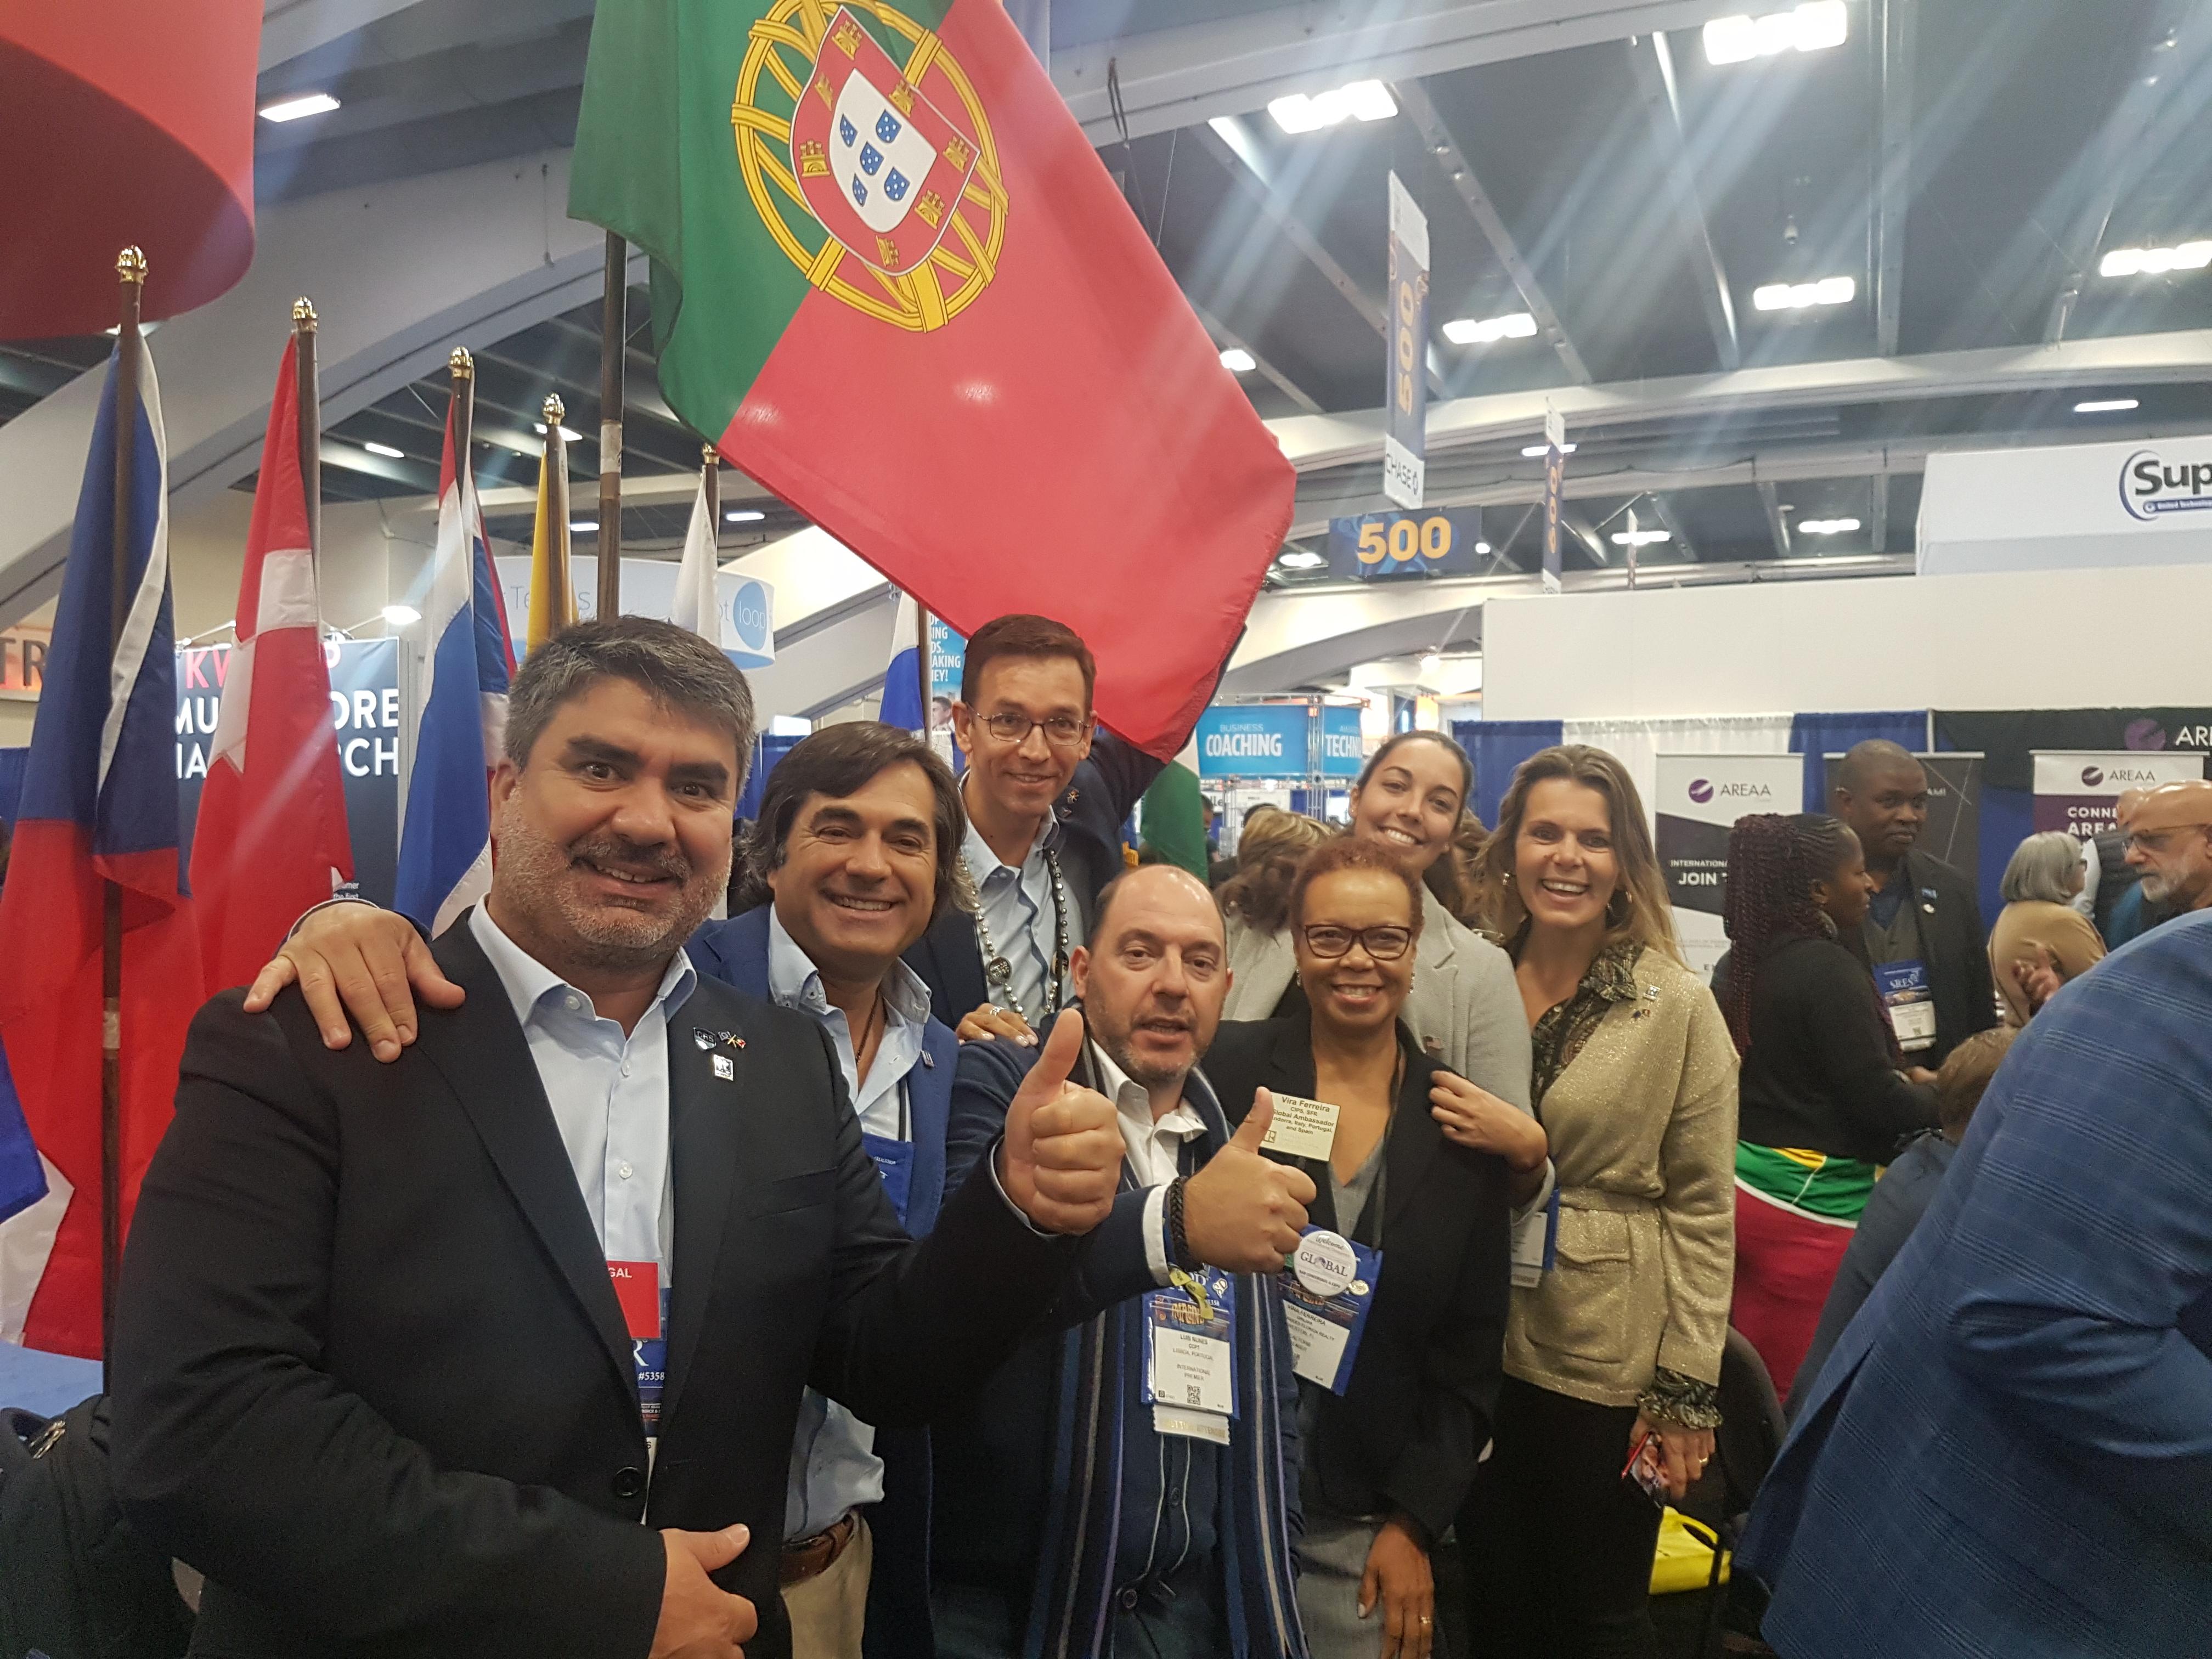 Delegação portuguesa fez-se notar na Realtors Conference & Expo / UCI